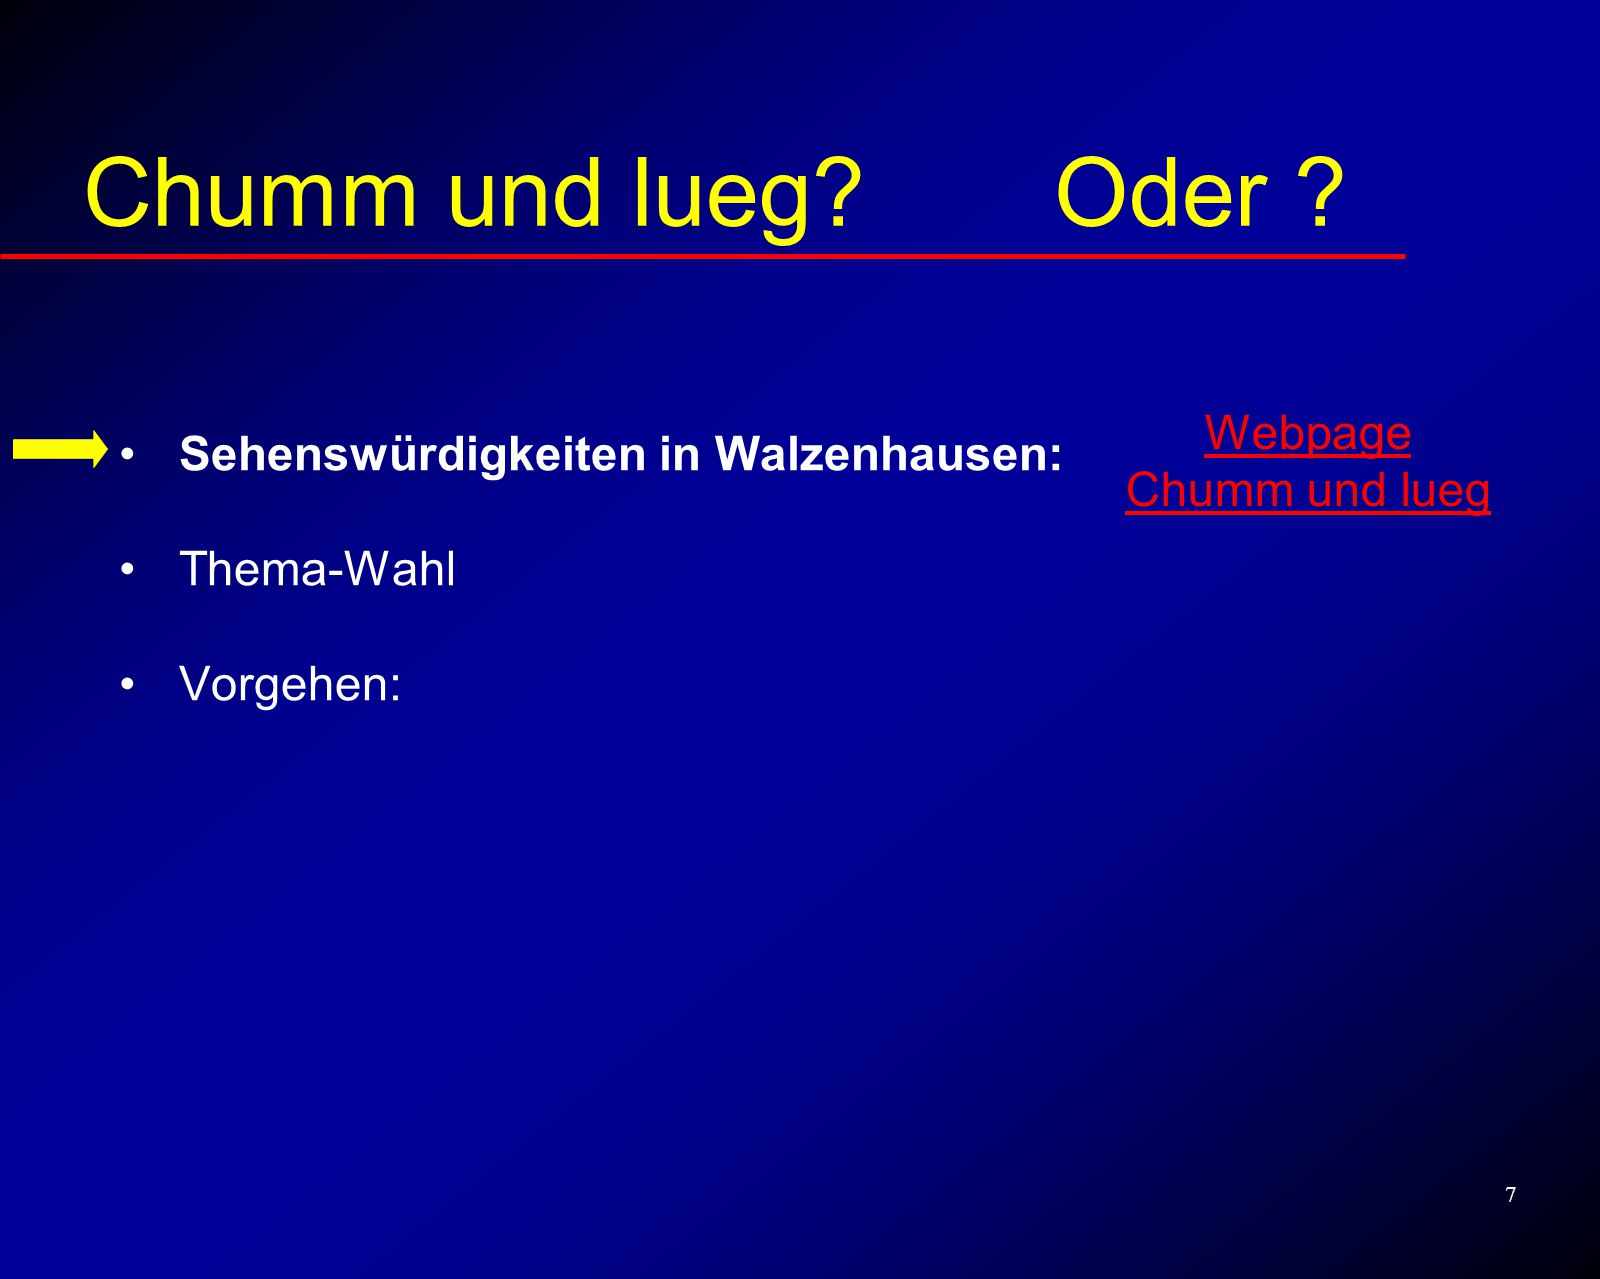 7 Sehenswürdigkeiten Sehenswürdigkeiten in Walzenhausen: Thema-Wahl Vorgehen: Chumm und lueg.